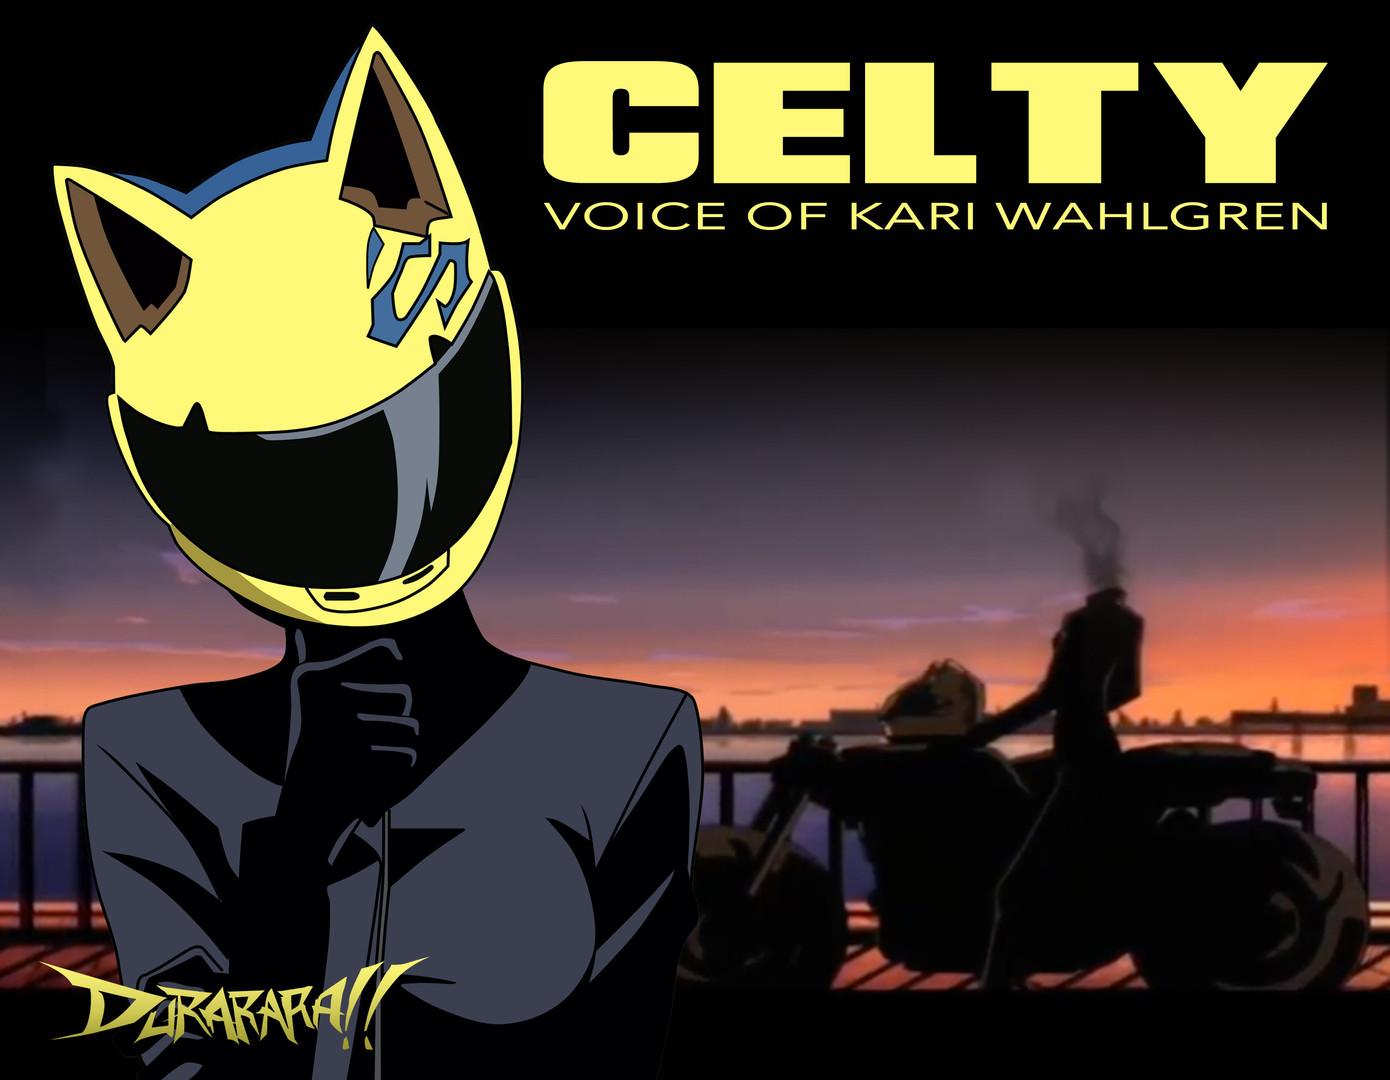 Kari Wahlgen - Voice Actor